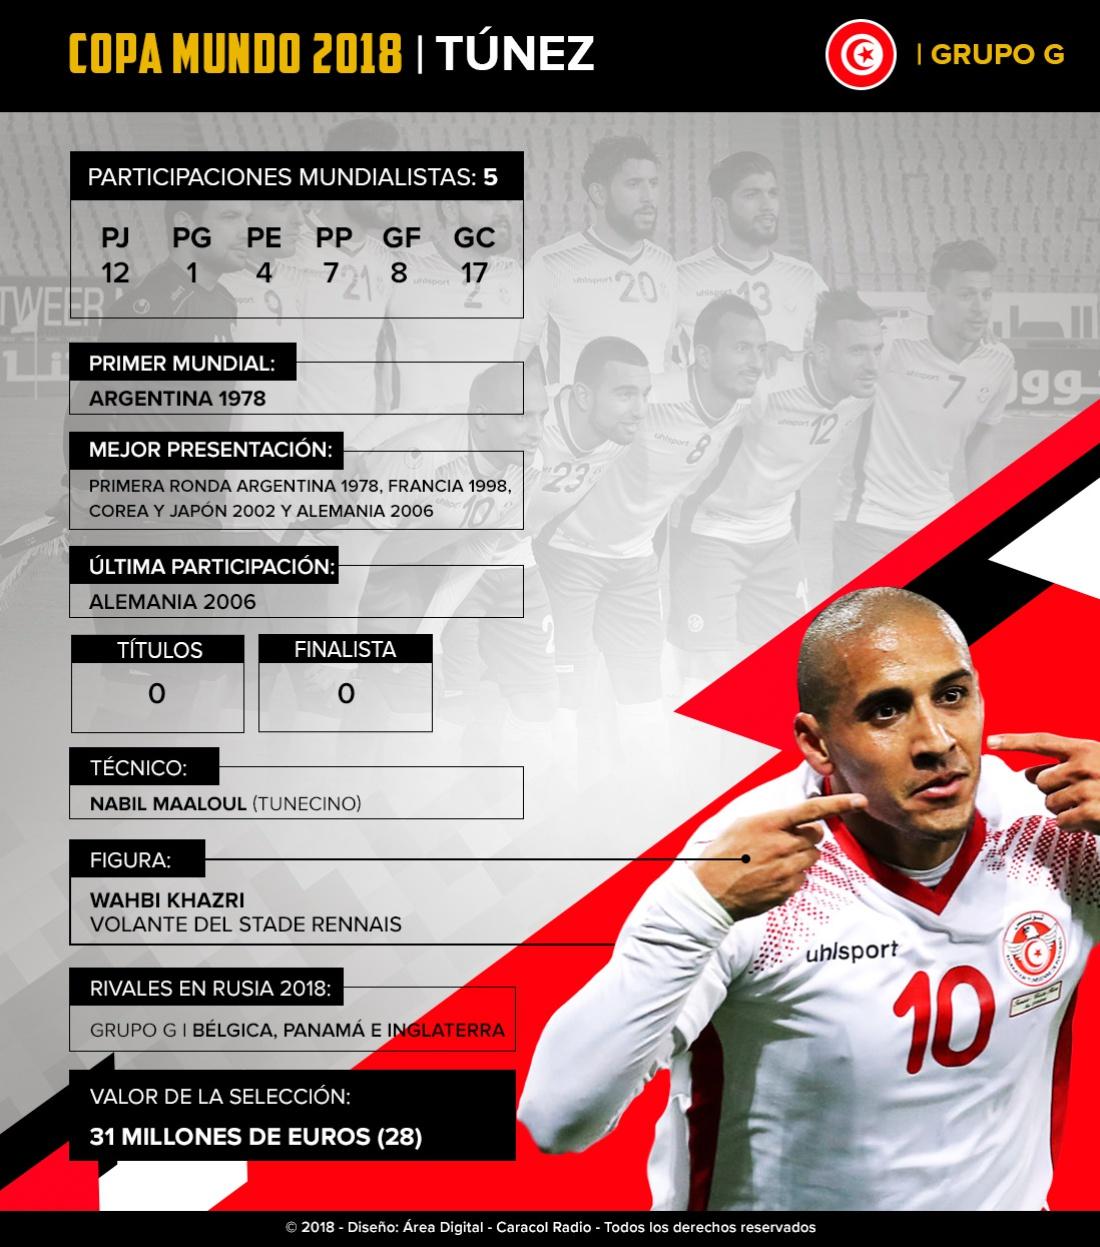 Mundial 2018: Túnez: El equipo africano intentará llegar a Octavos por primera vez